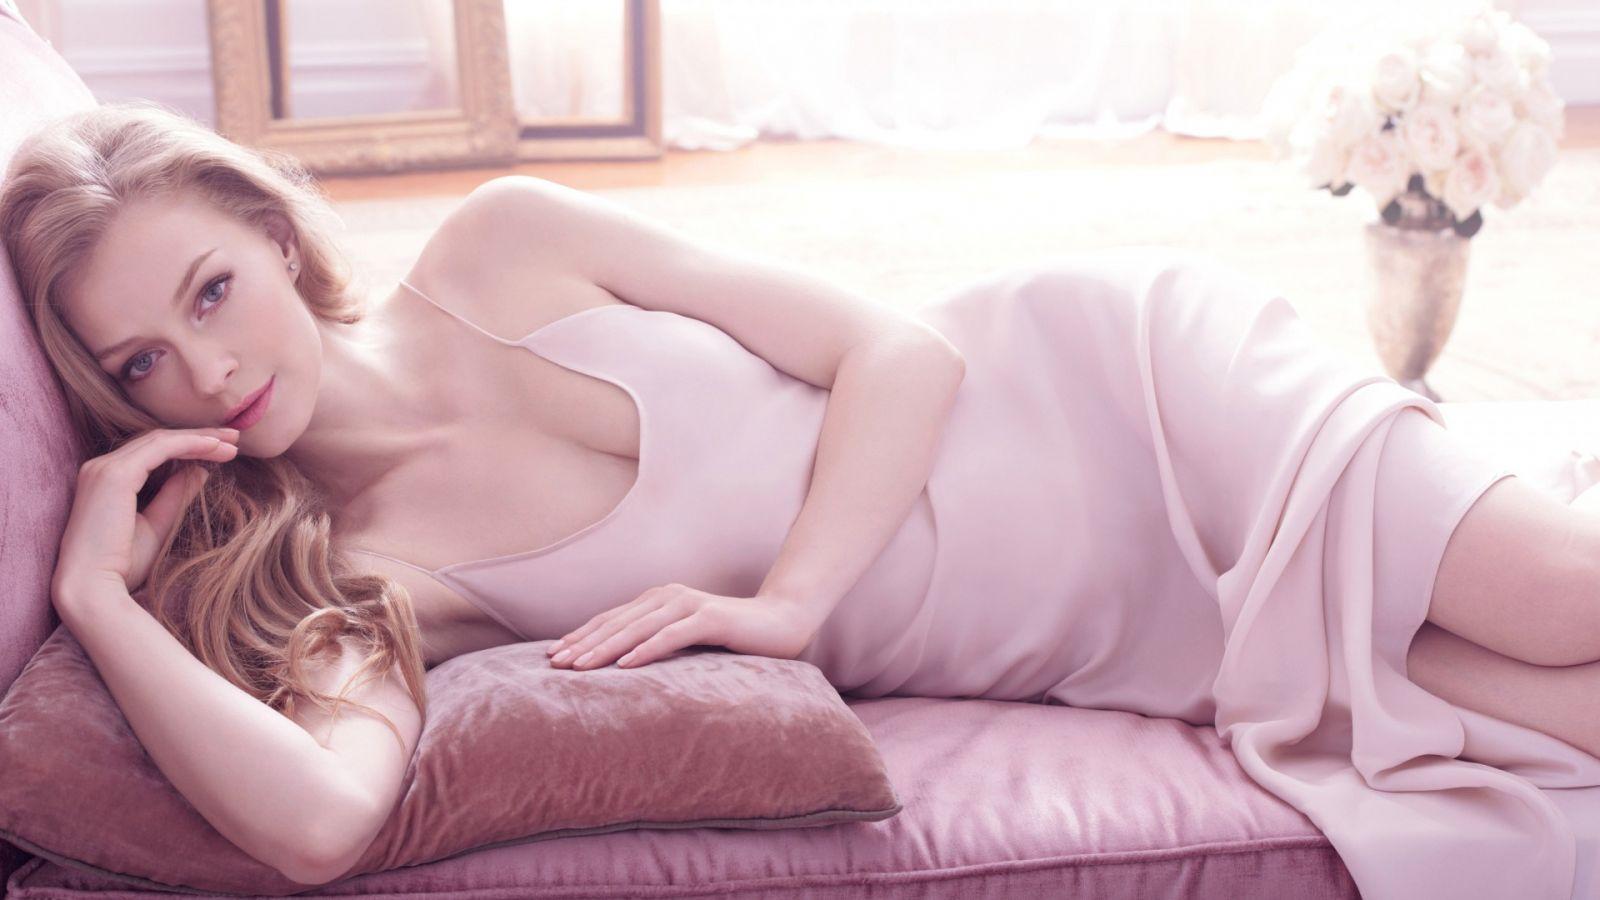 Кто стал самой сексуальной женщиной планеты 2015 по версии русского FHM - фото №18